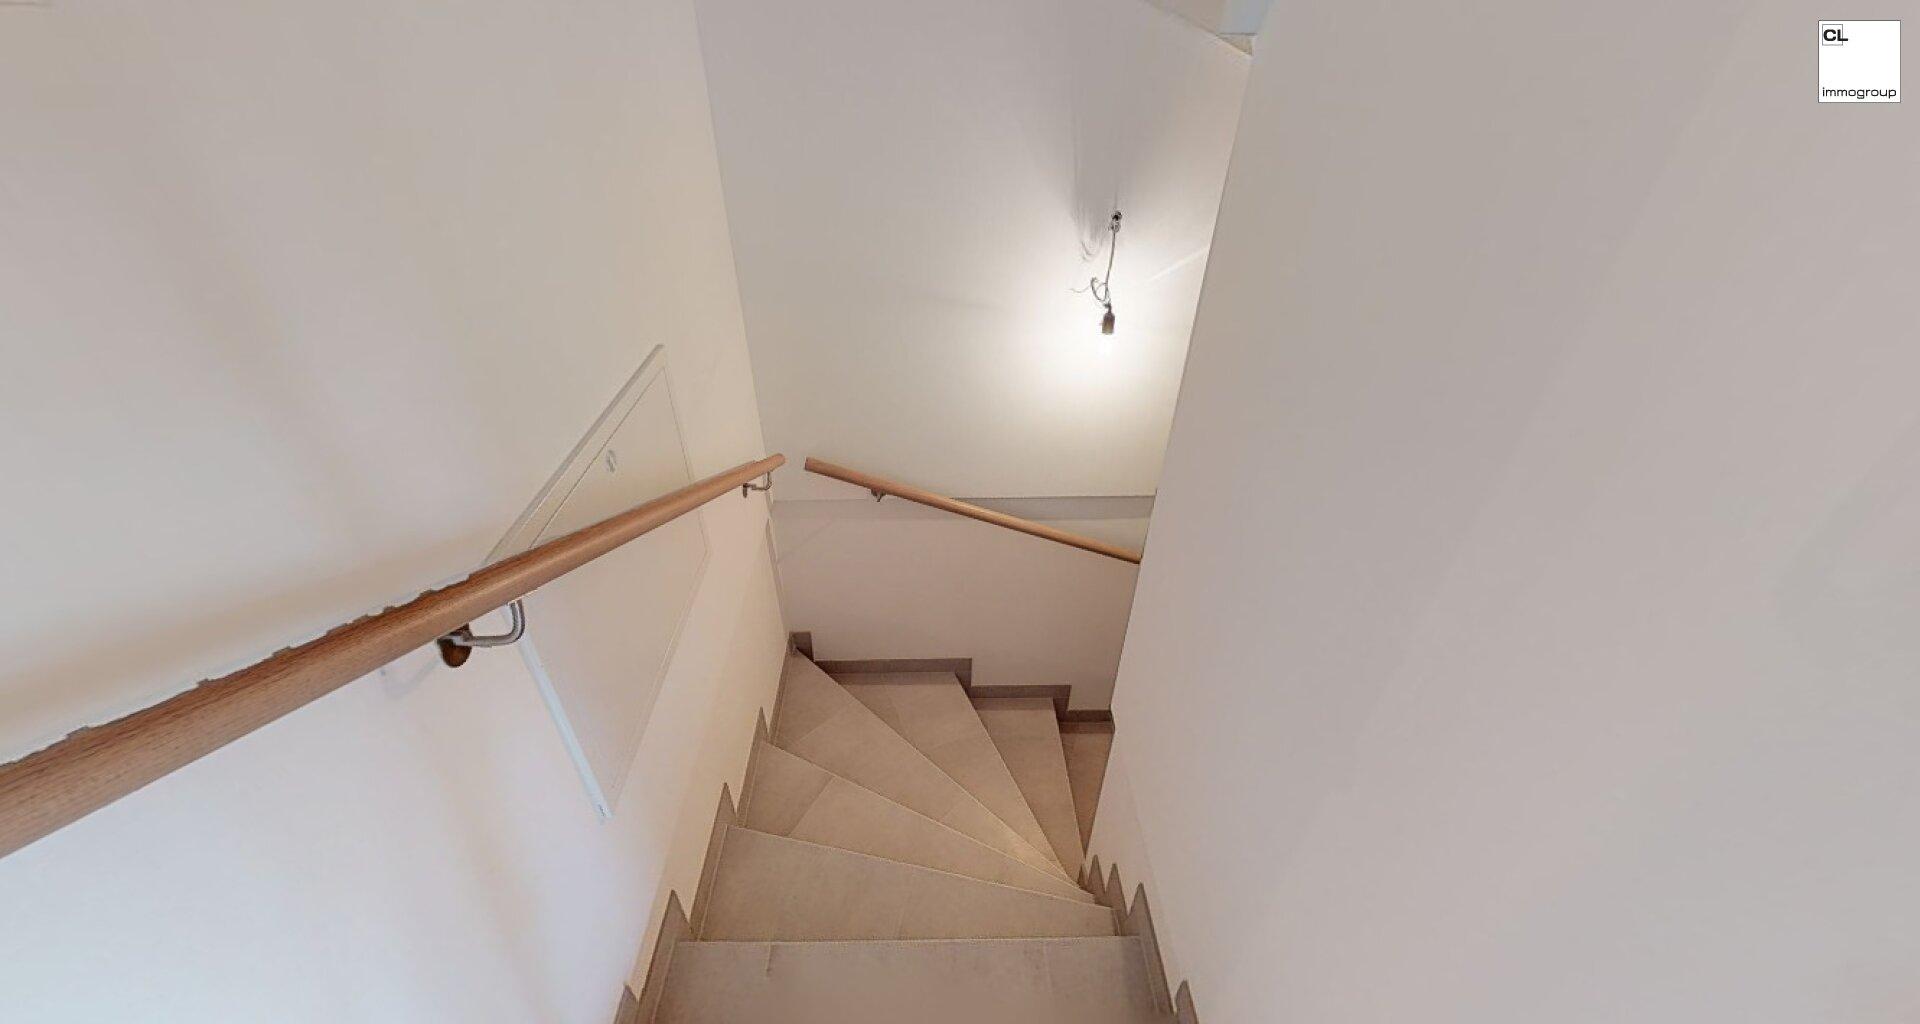 Treppen zum Keller Demo